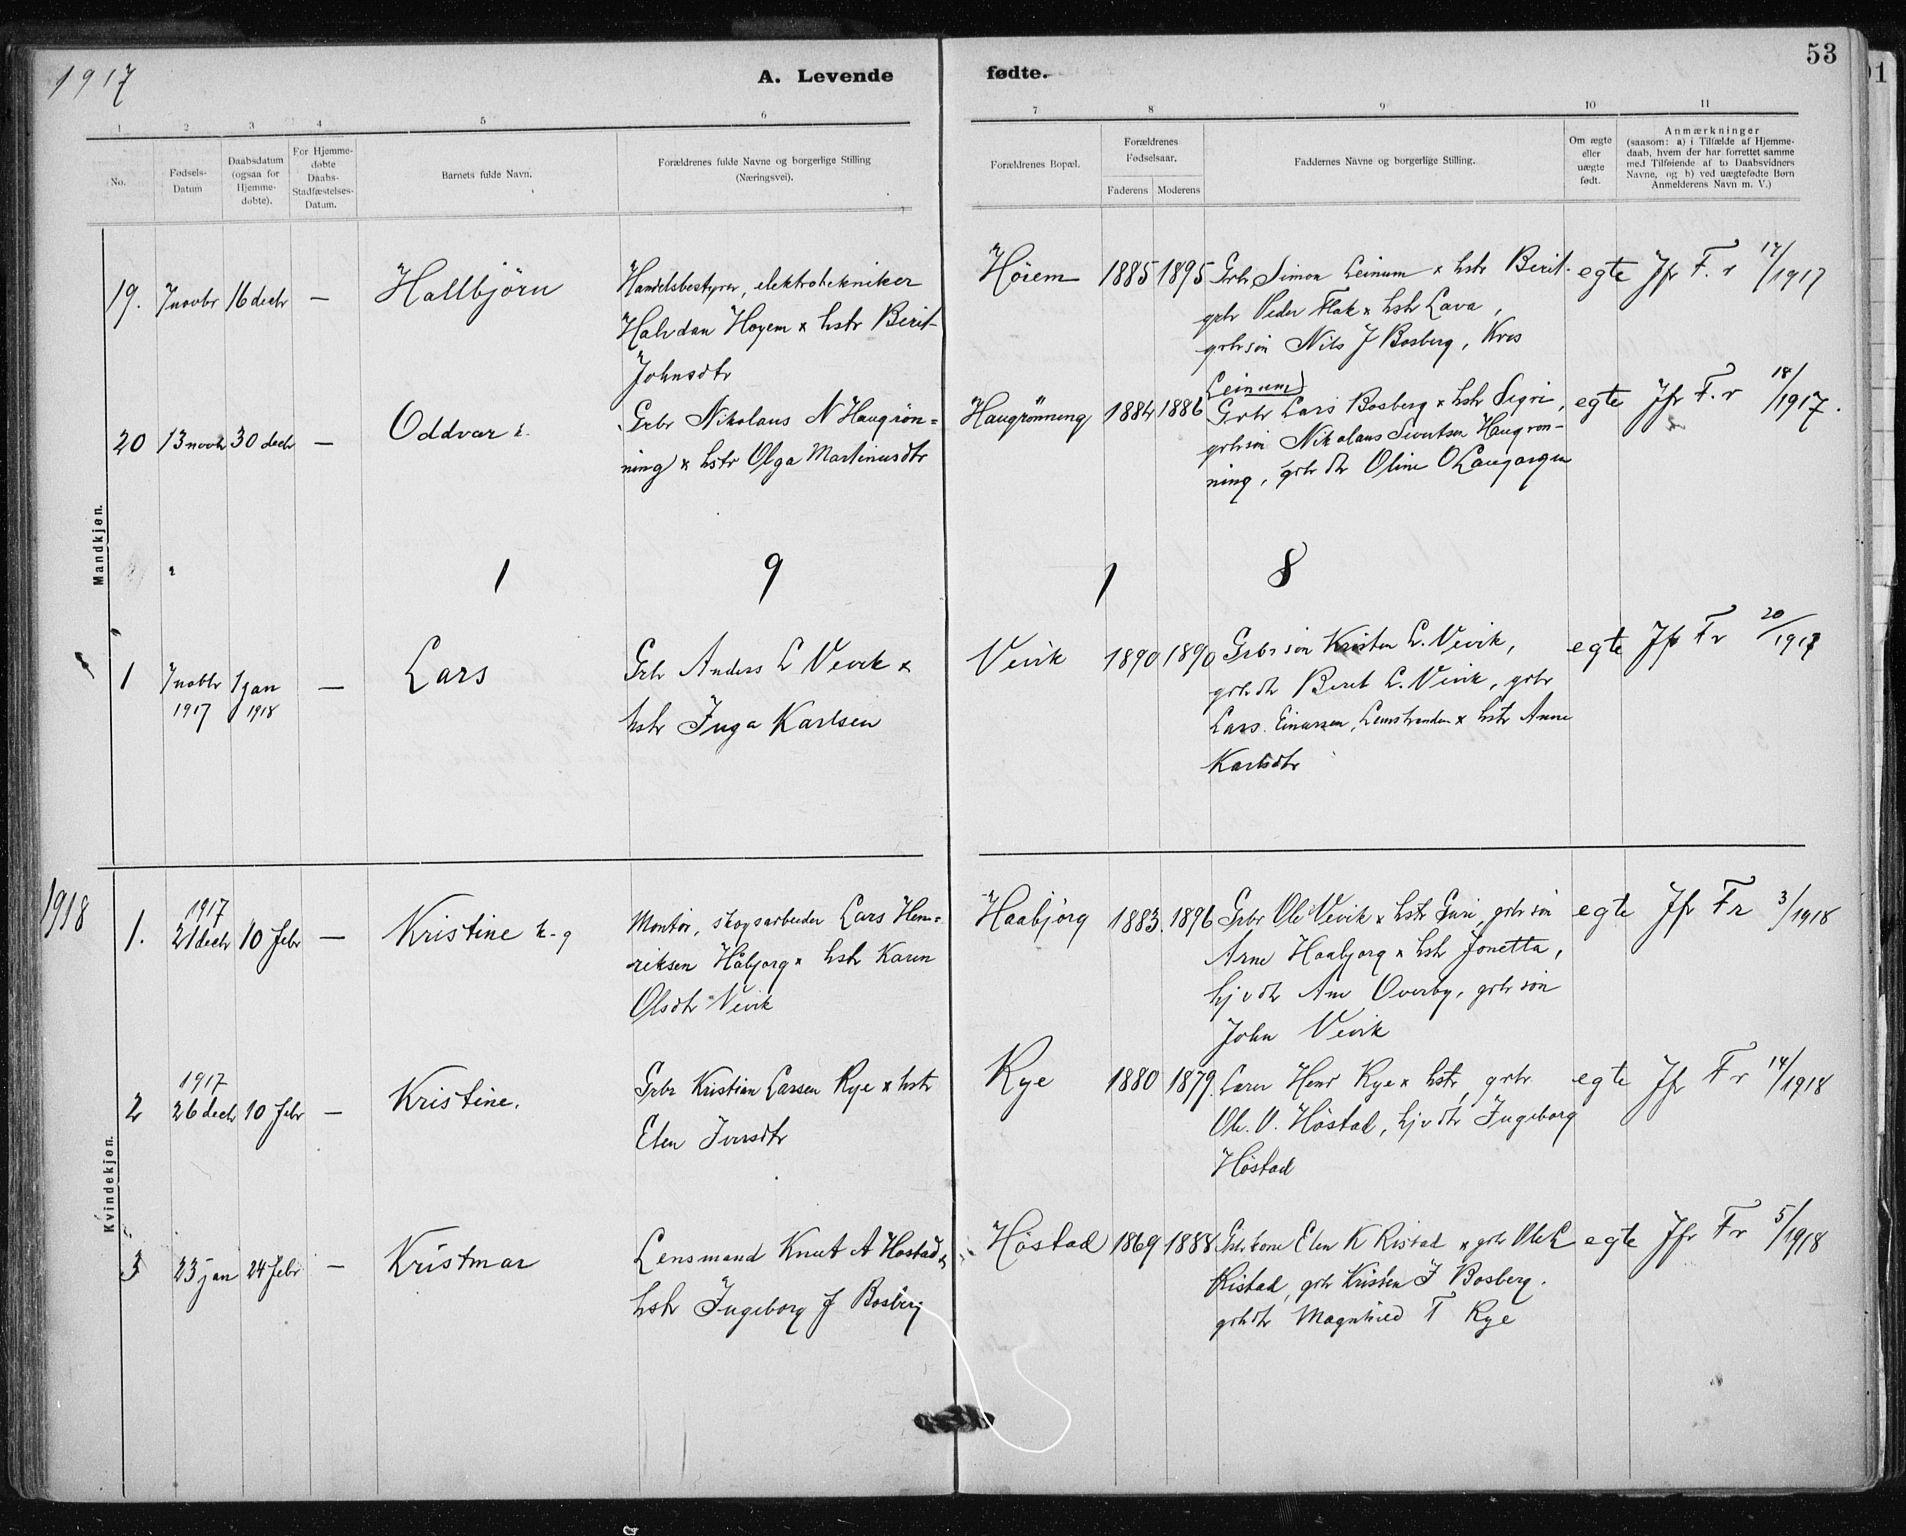 SAT, Ministerialprotokoller, klokkerbøker og fødselsregistre - Sør-Trøndelag, 612/L0381: Ministerialbok nr. 612A13, 1907-1923, s. 53